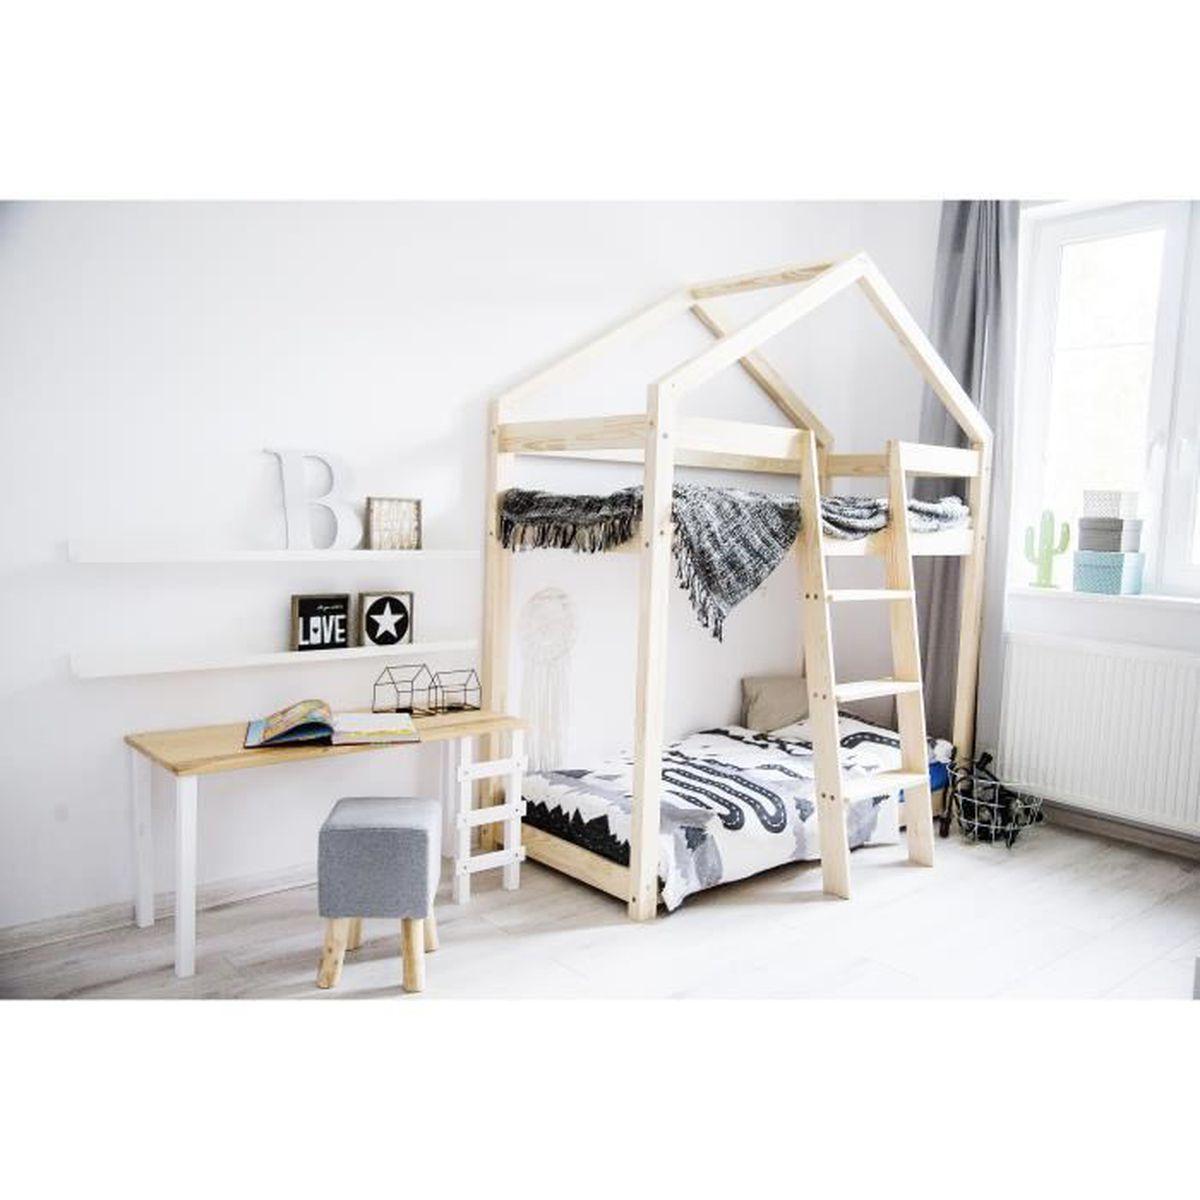 Lit Superpose Cabane Maison En Pin Bois Massif 80x190